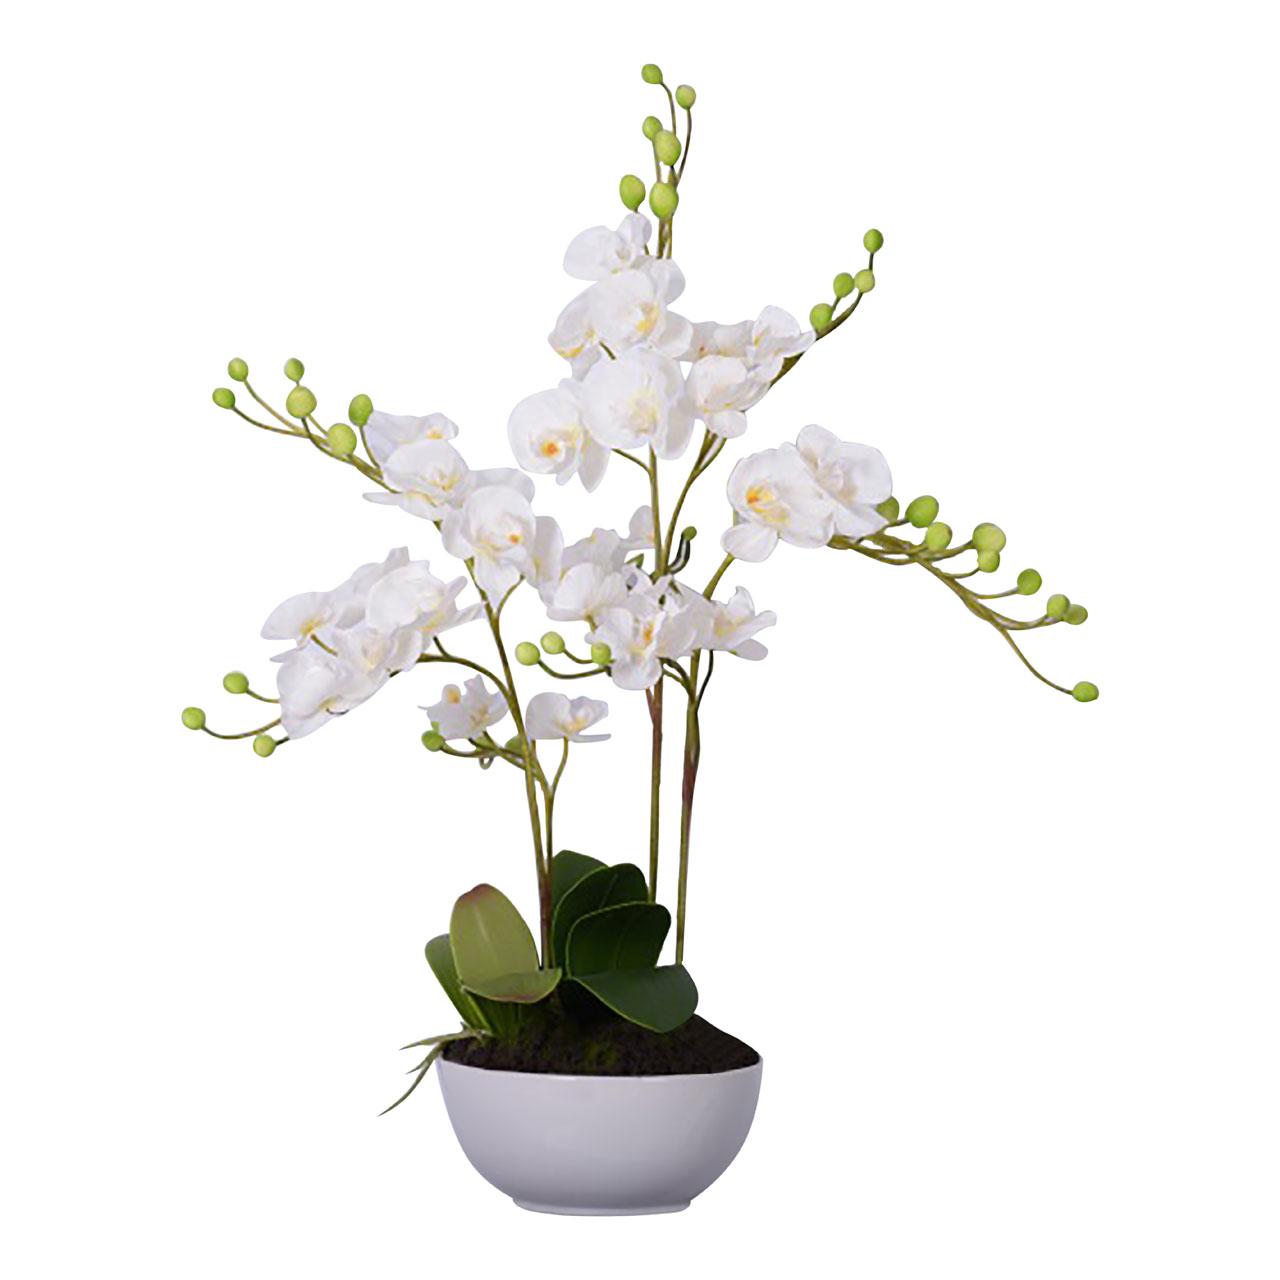 White Orchid Plant White Ceramic Pot Fiori Artificial Flower Home